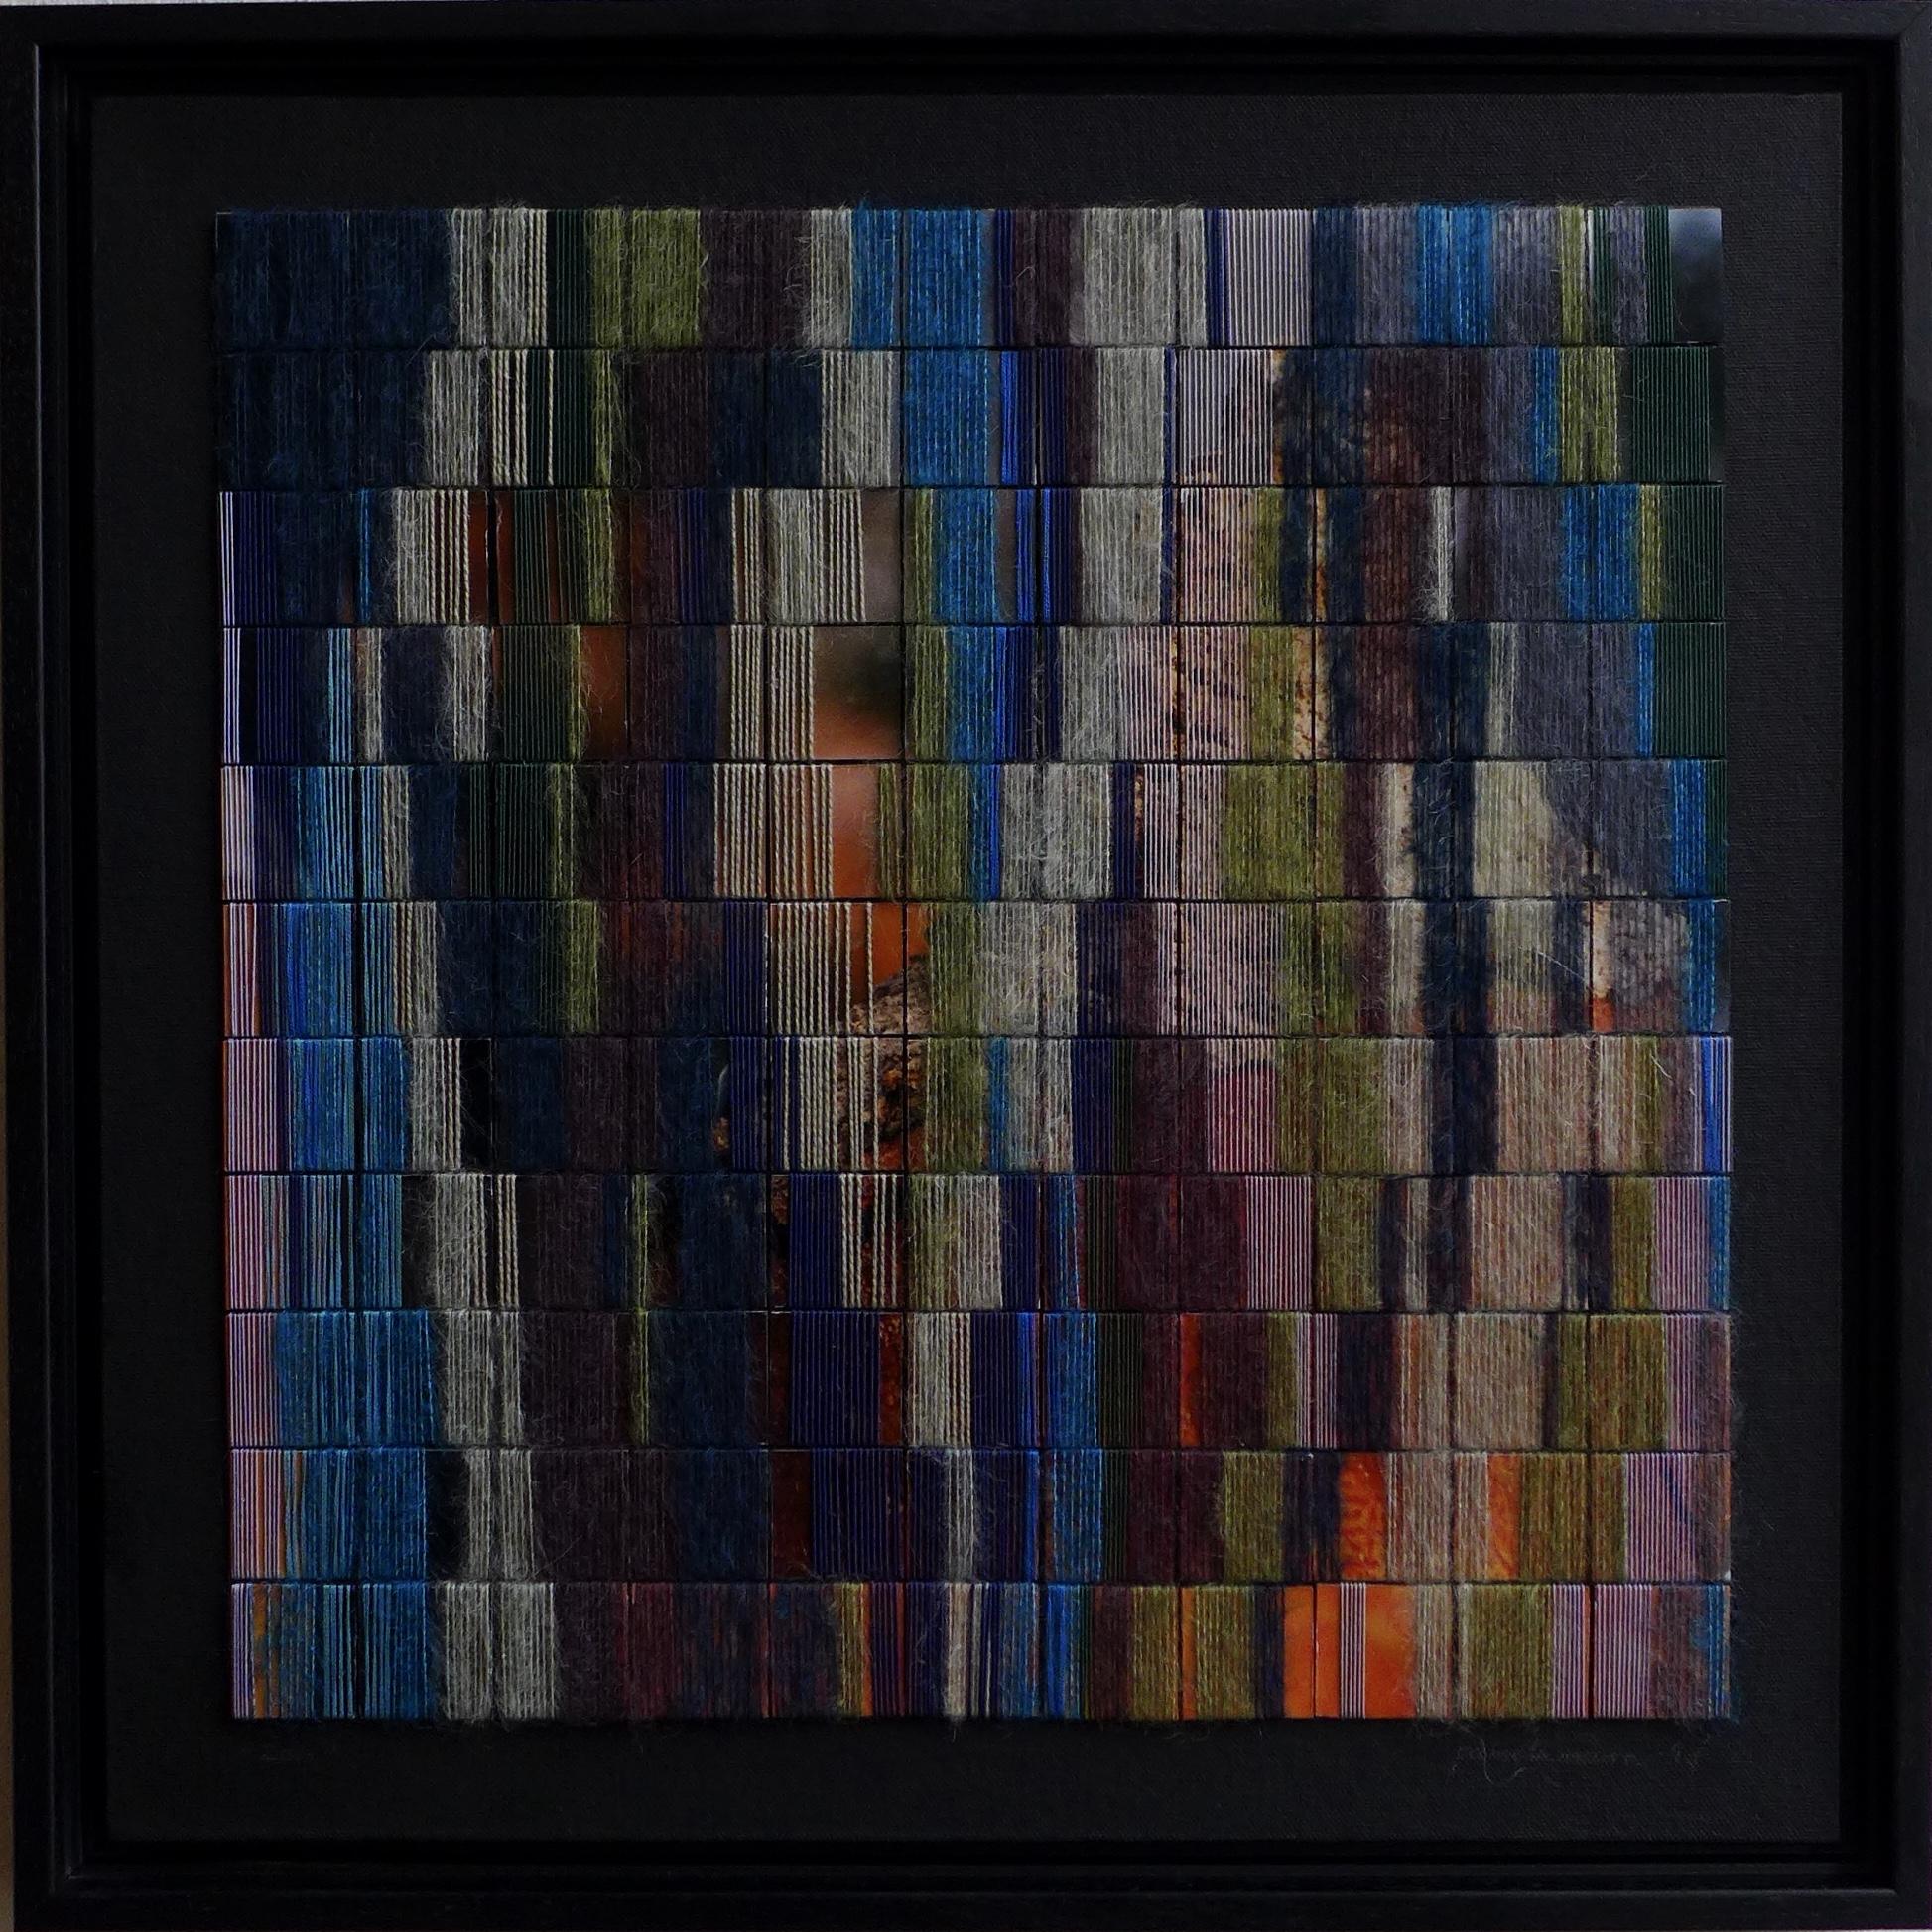 2017, 40x40cm, zwart houten lijst, 'wierook foto' op karton, multicolour garen; mohair en DMC, lijm, canvas